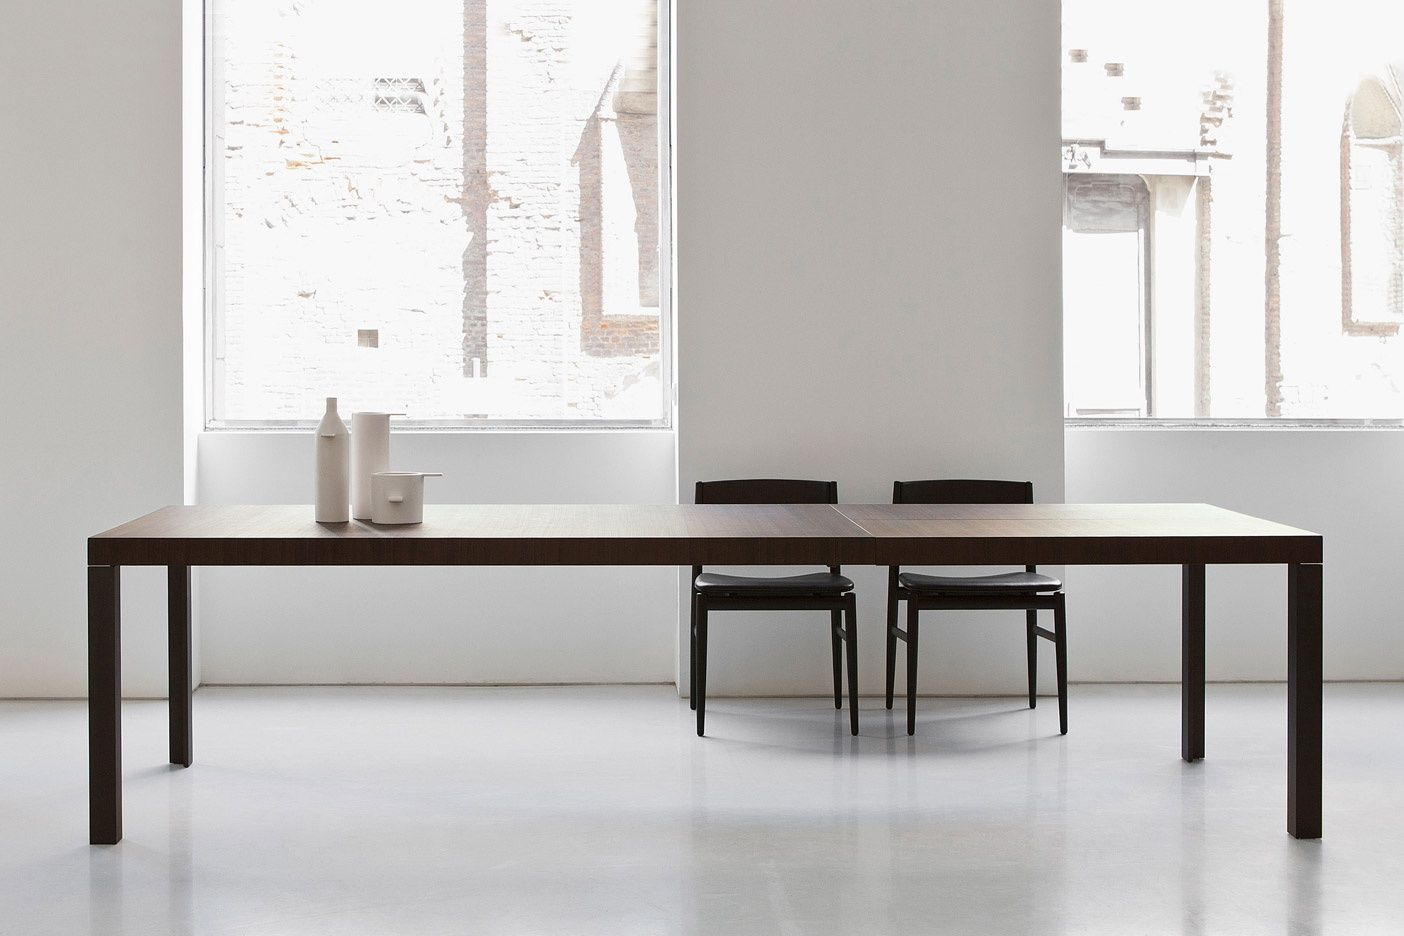 Tavolo Porro ~ Taac design by michele cazzaniga porro spa furniture